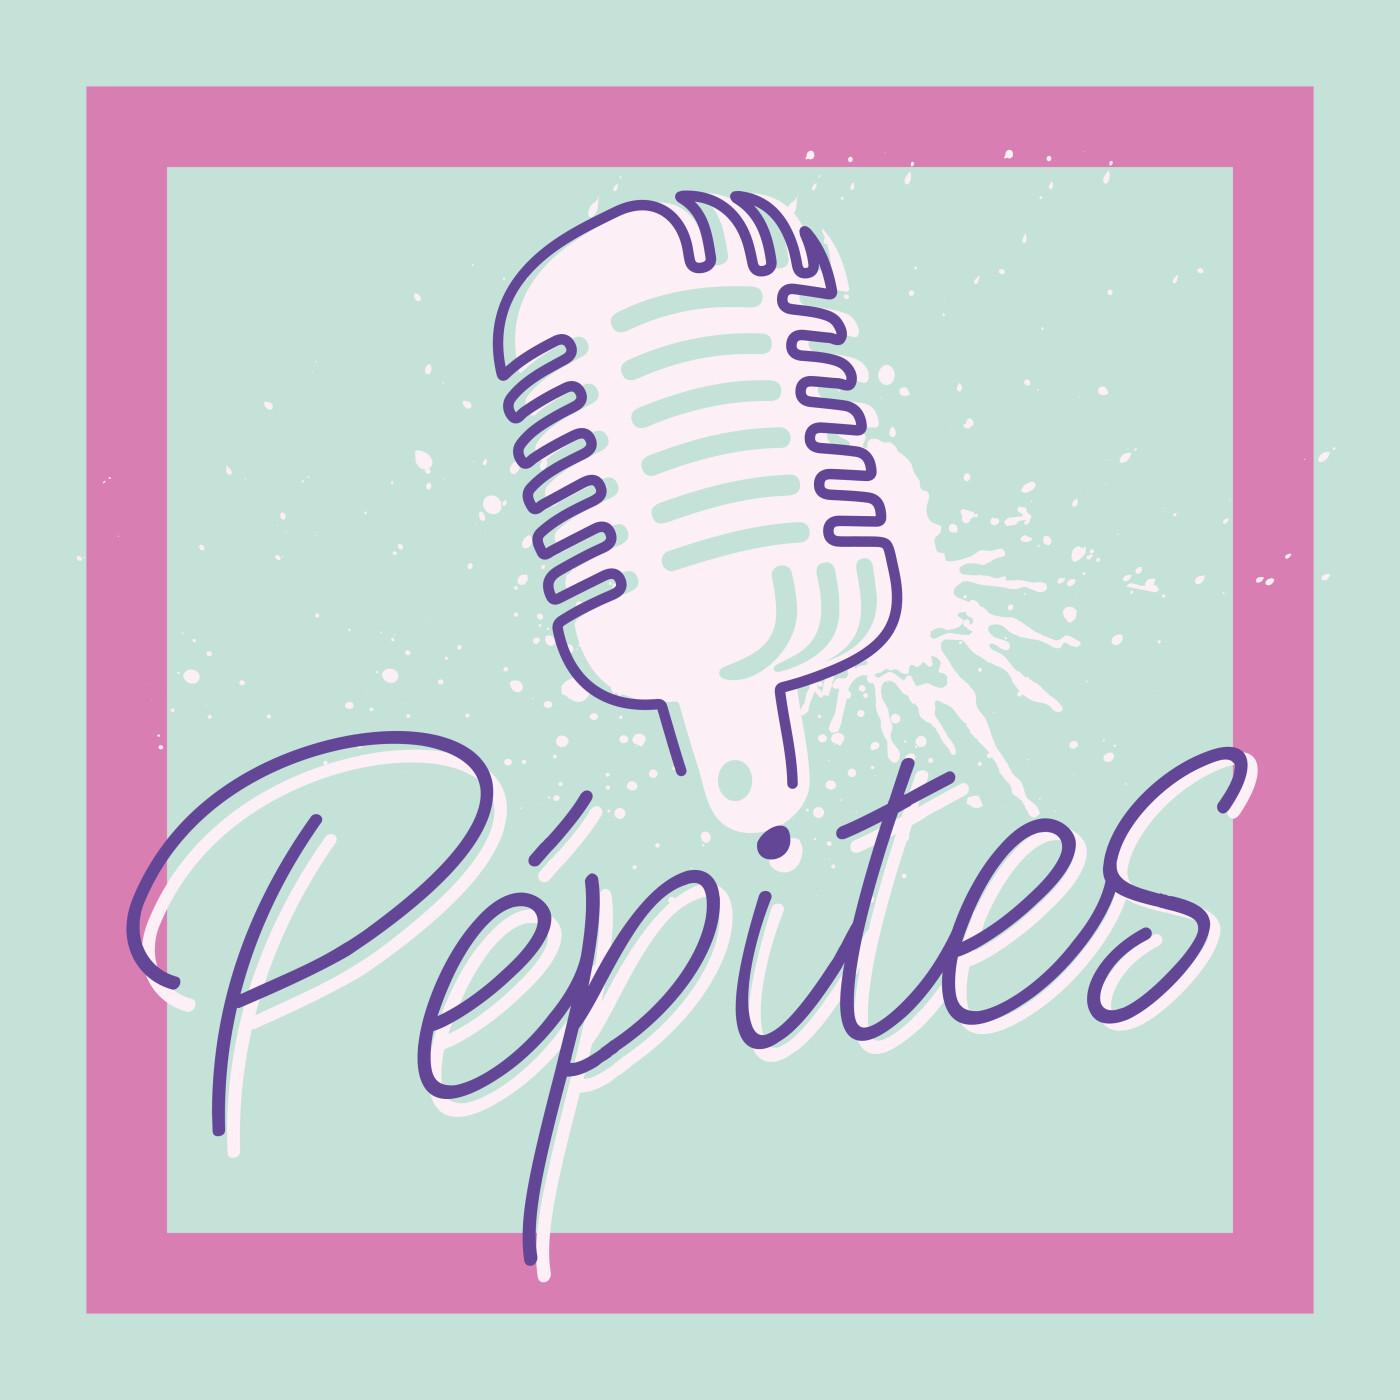 Pépites - Ep 7 Coach vegan pour animaux